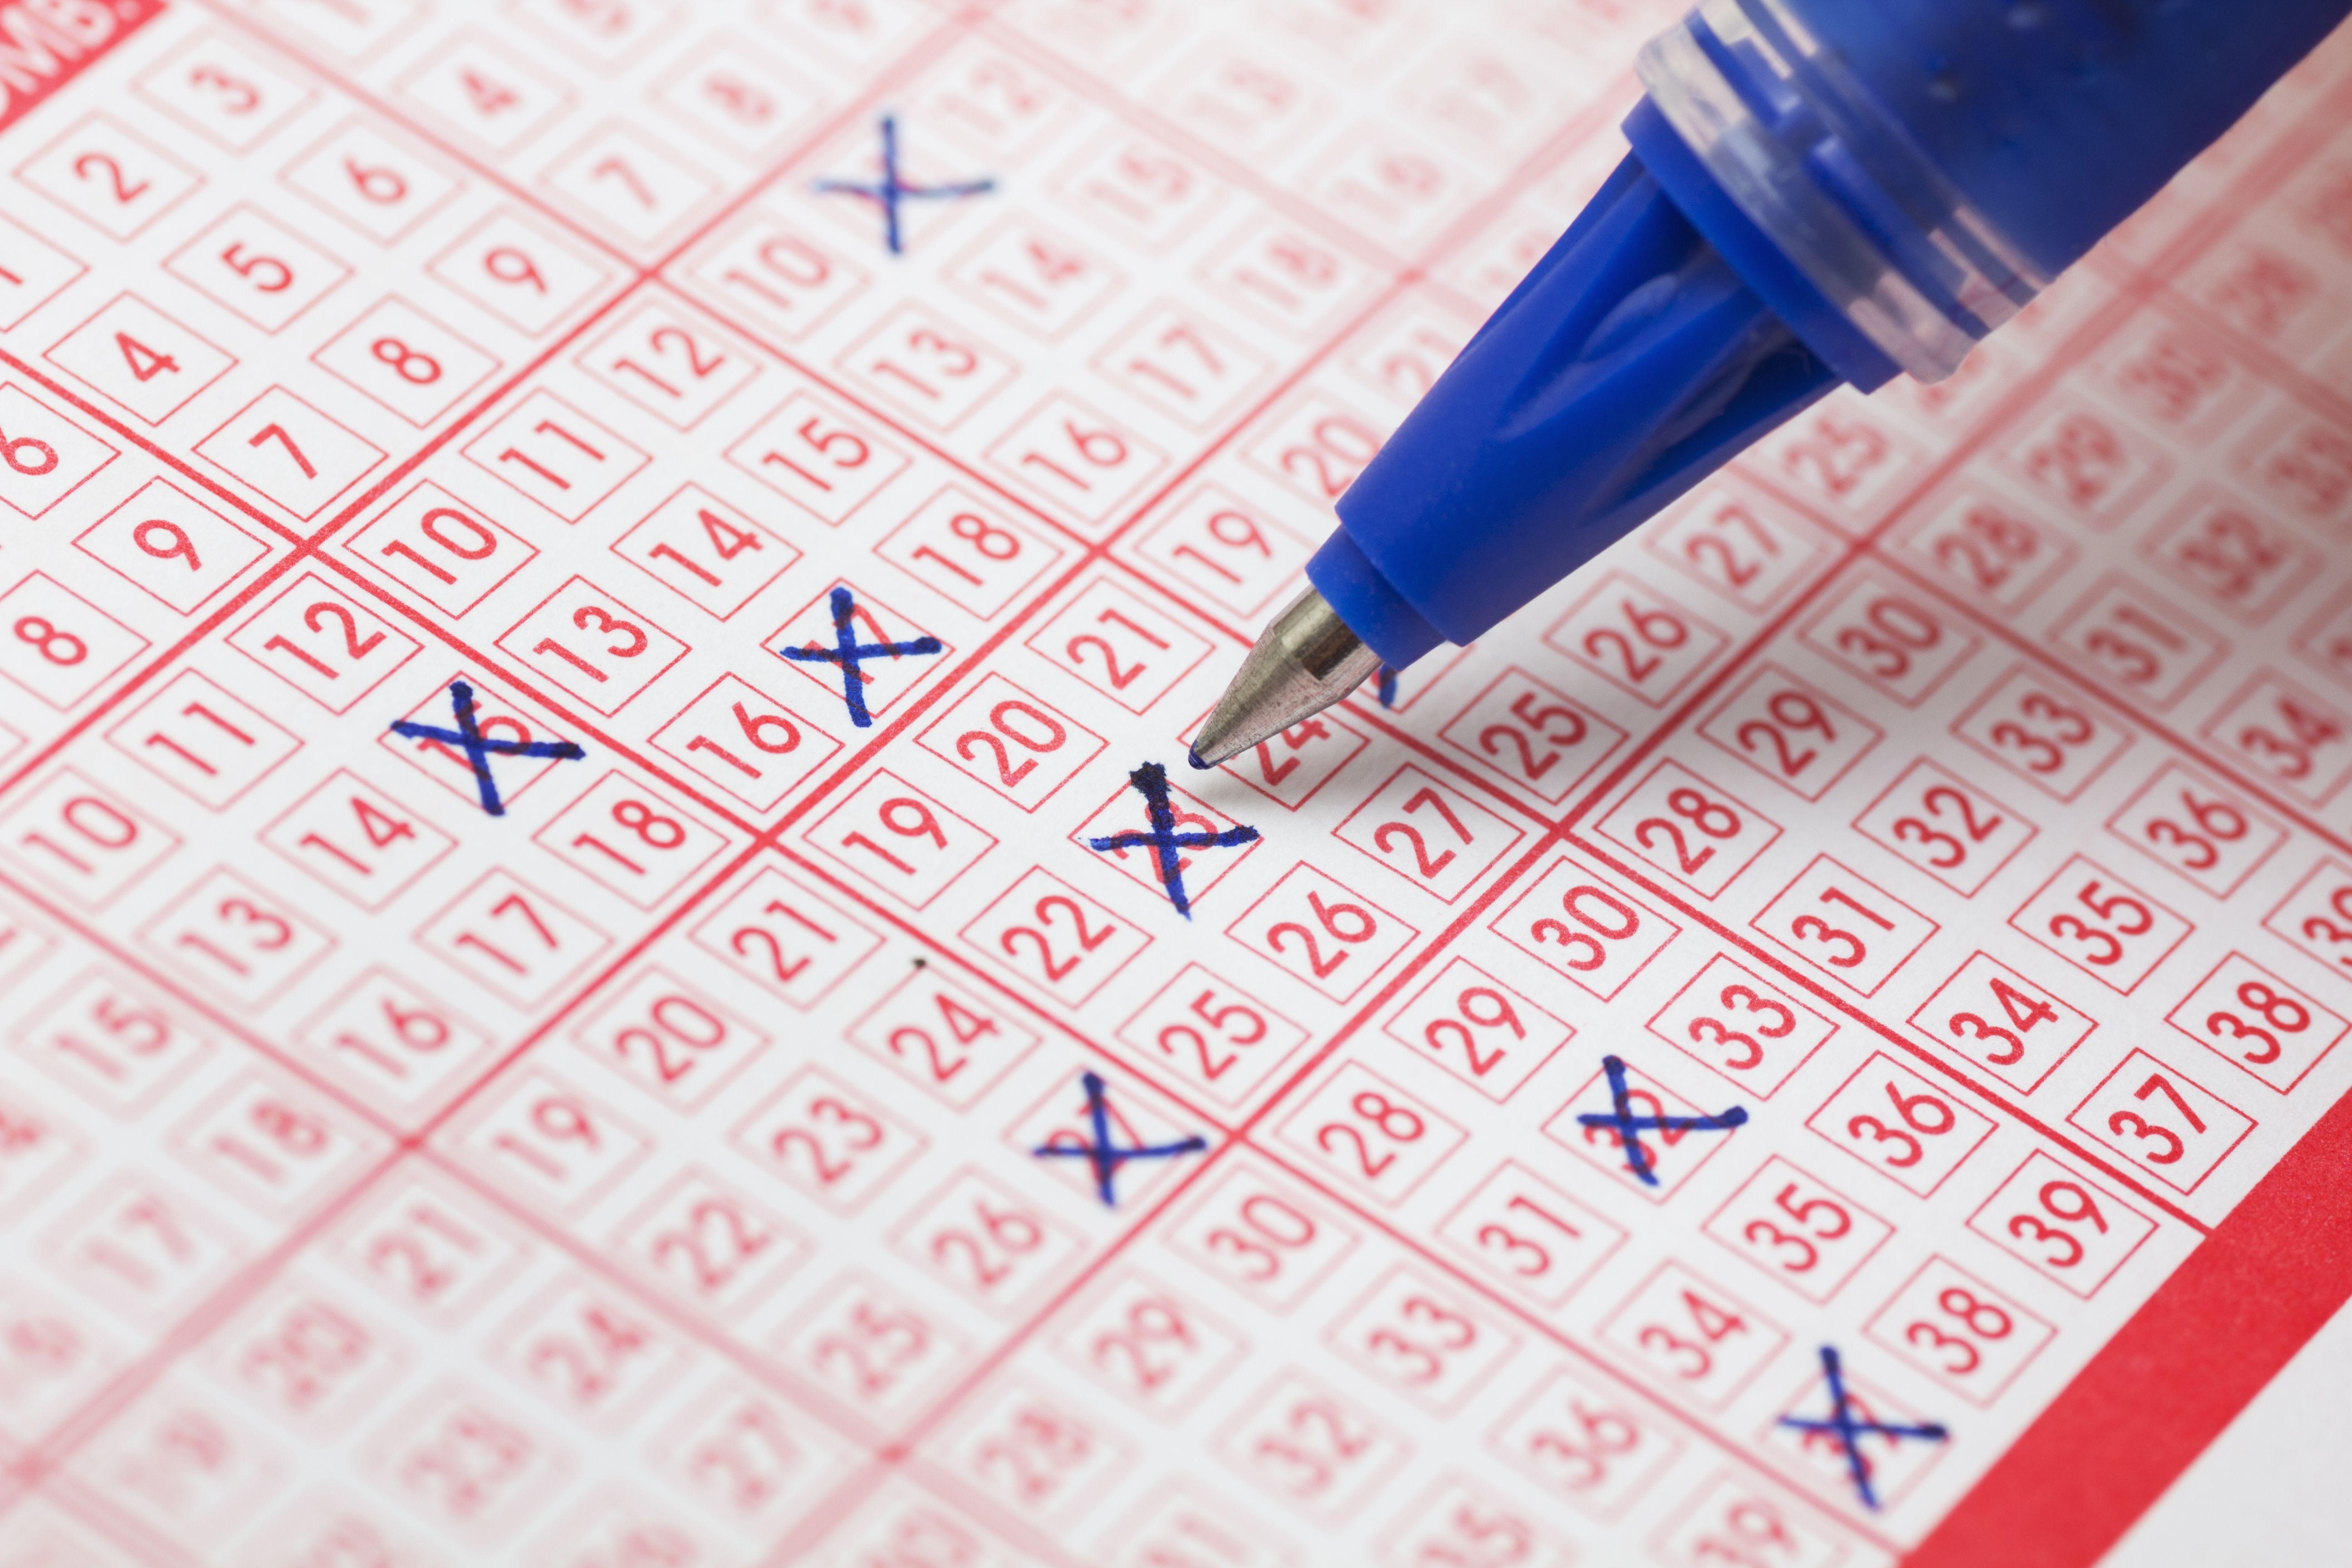 Loterías y apuestas del estado:  de PAPELERÍA LOZANO